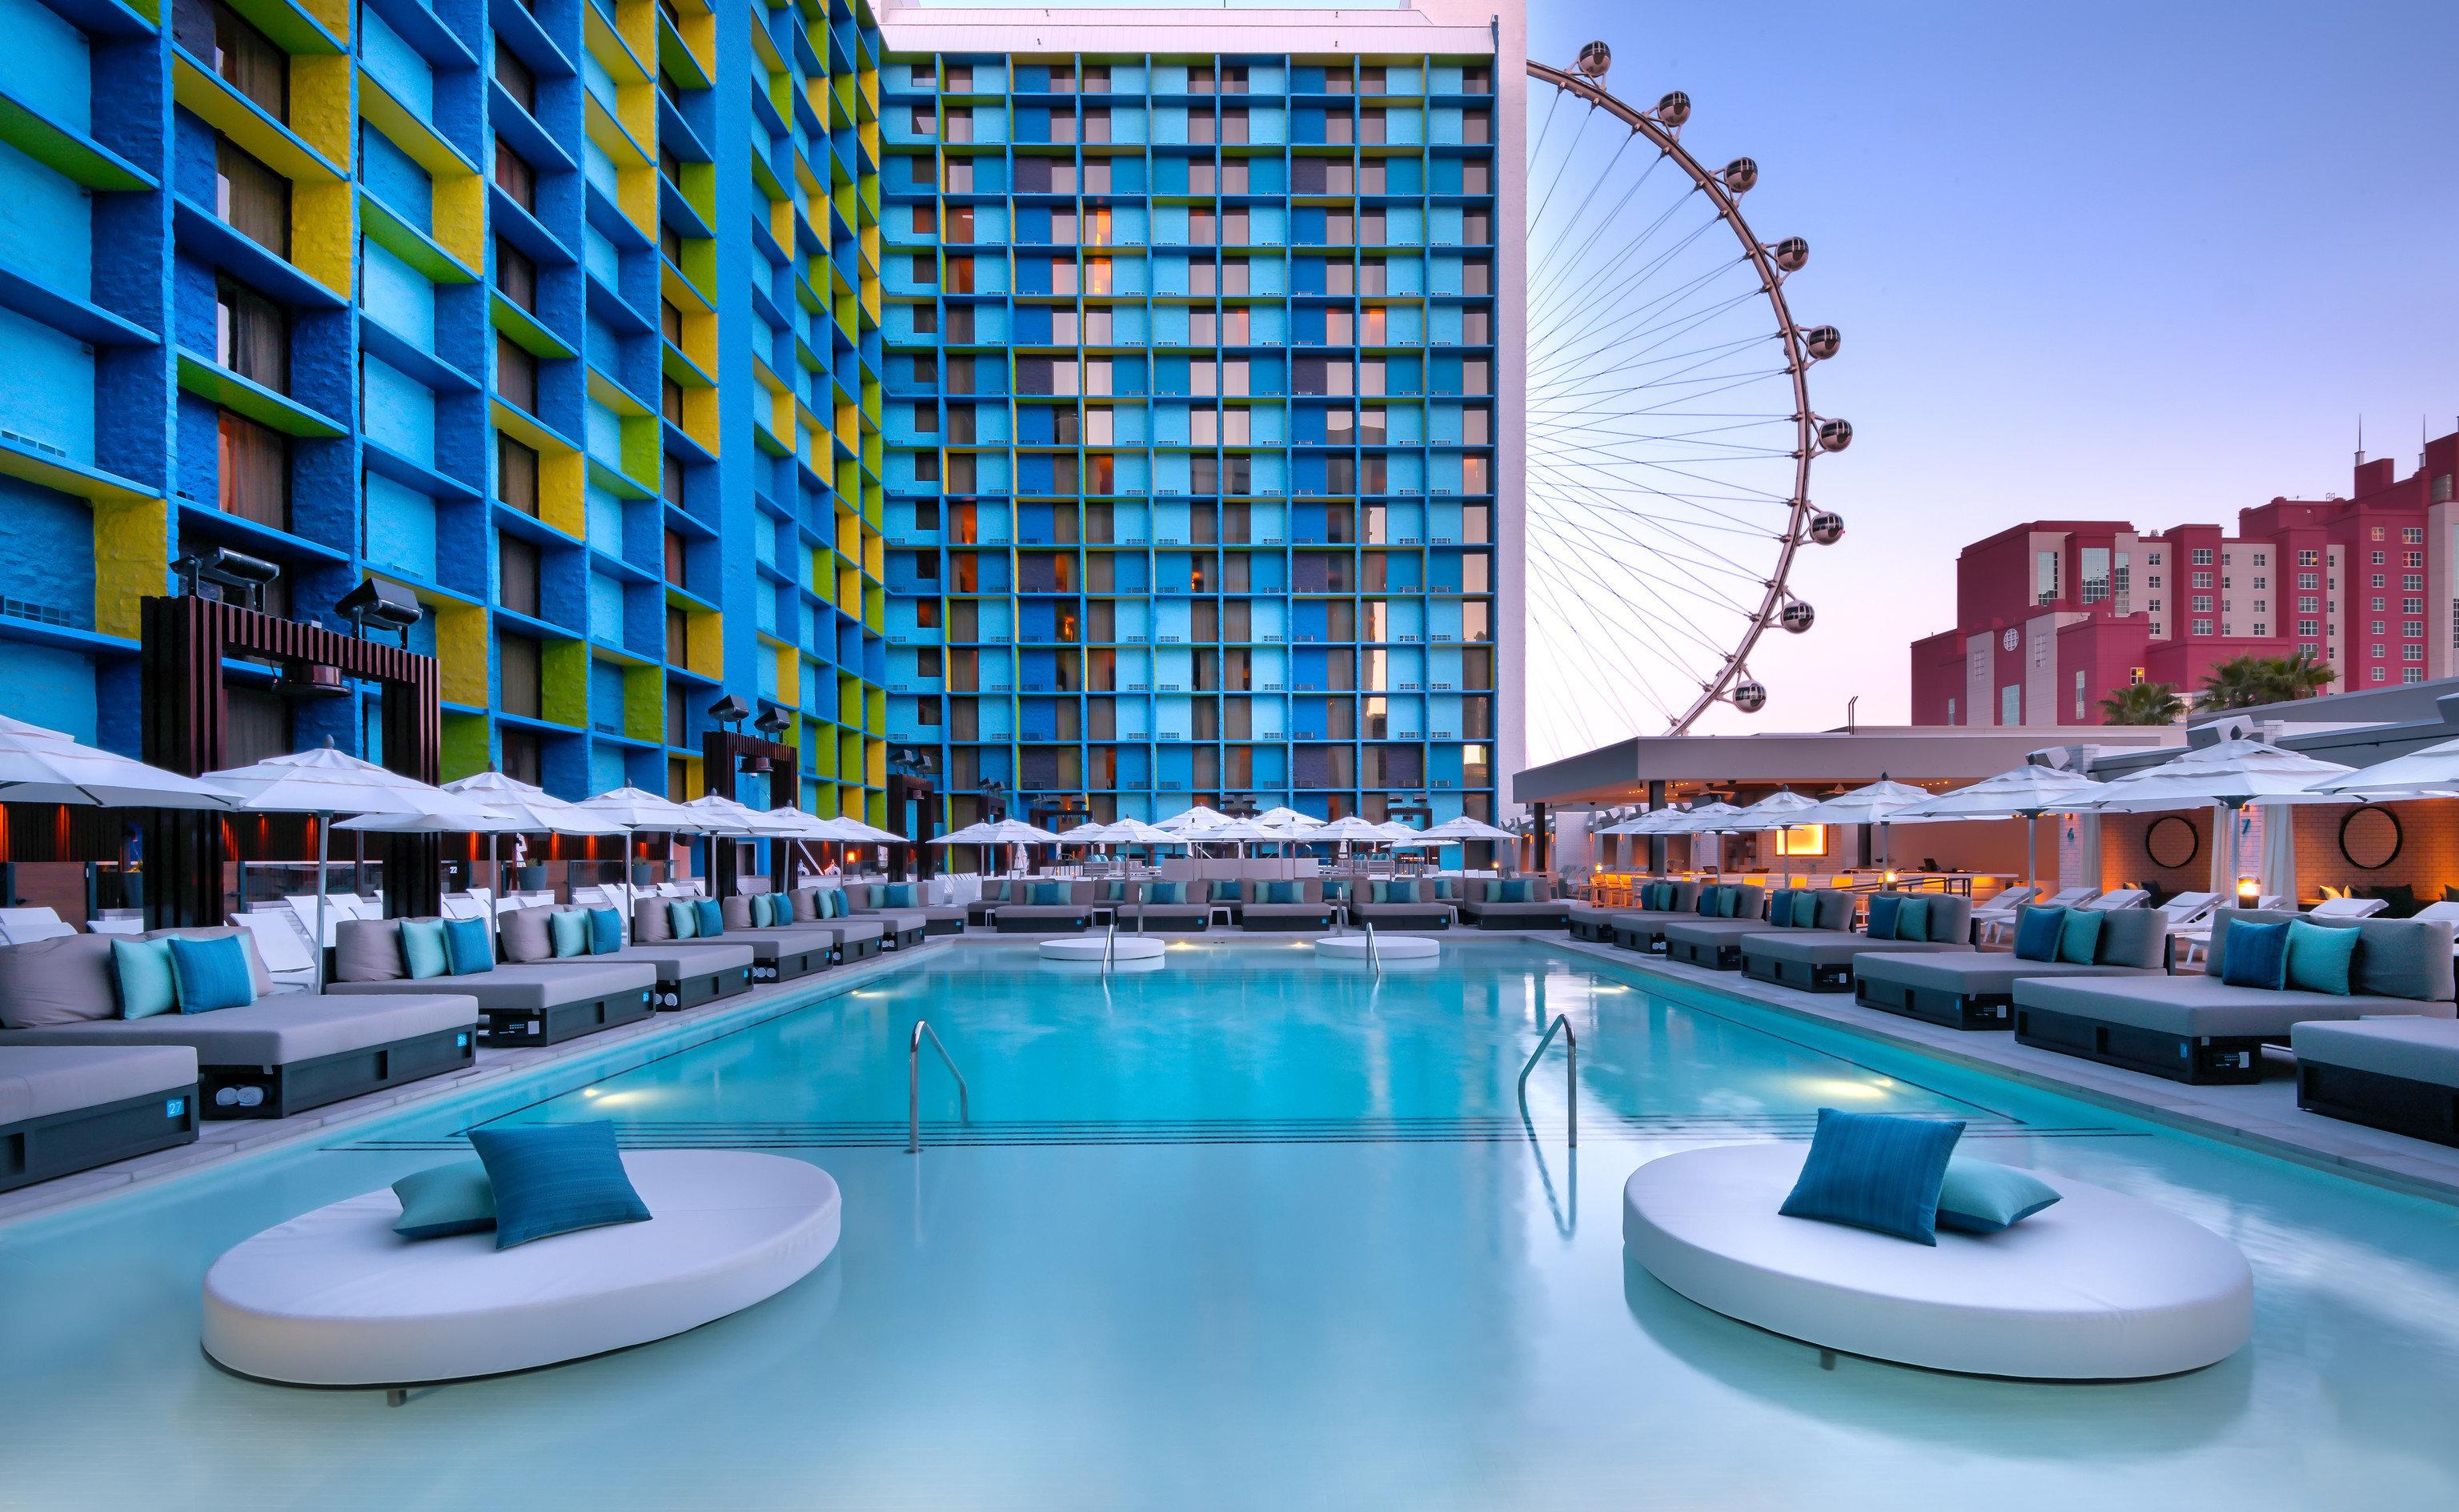 leisure swimming pool condominium Architecture plaza Resort headquarters convention center